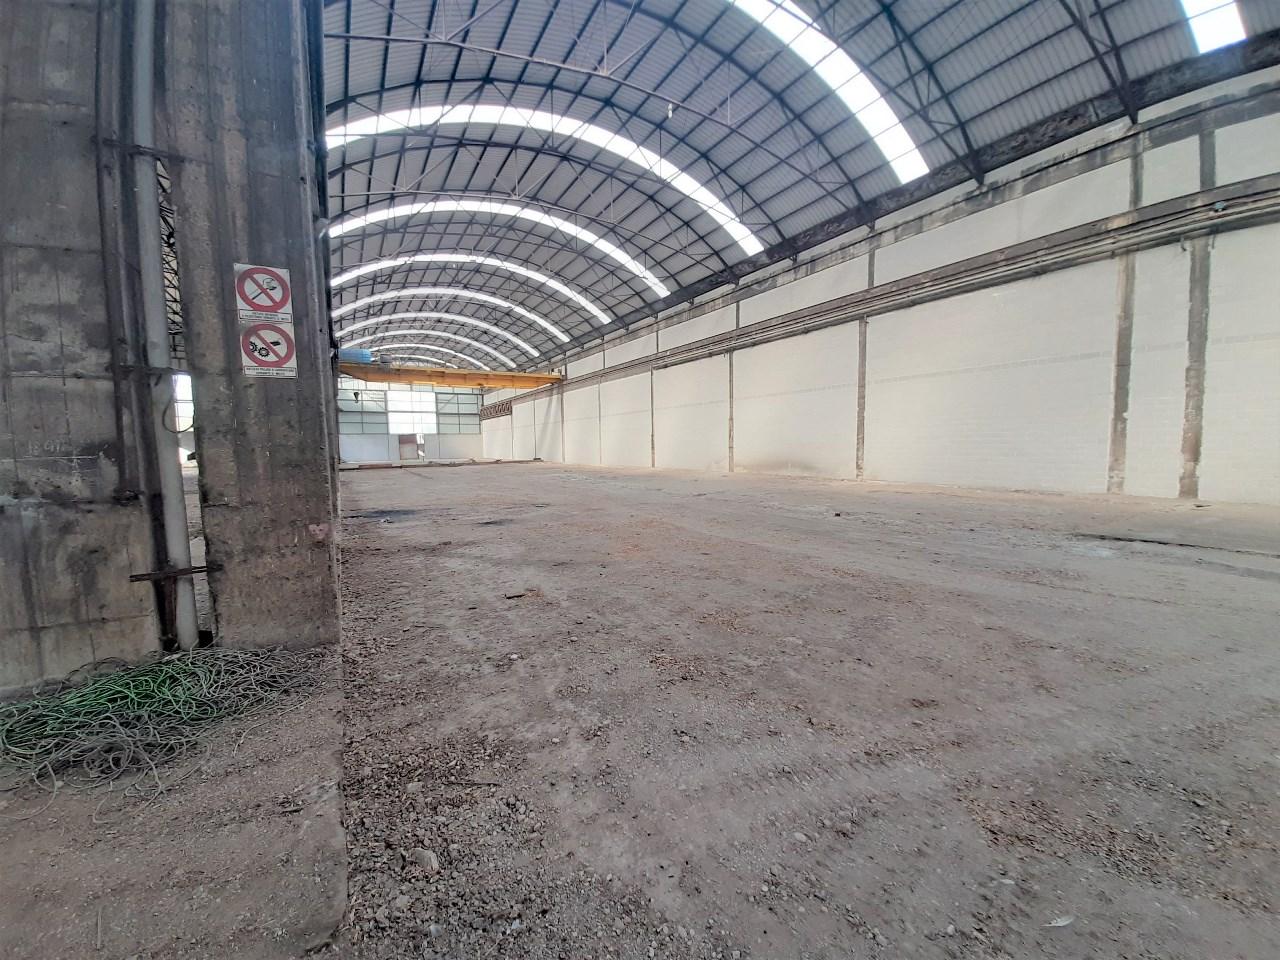 Laboratorio in vendita a Montichiari, 9999 locali, Trattative riservate | PortaleAgenzieImmobiliari.it